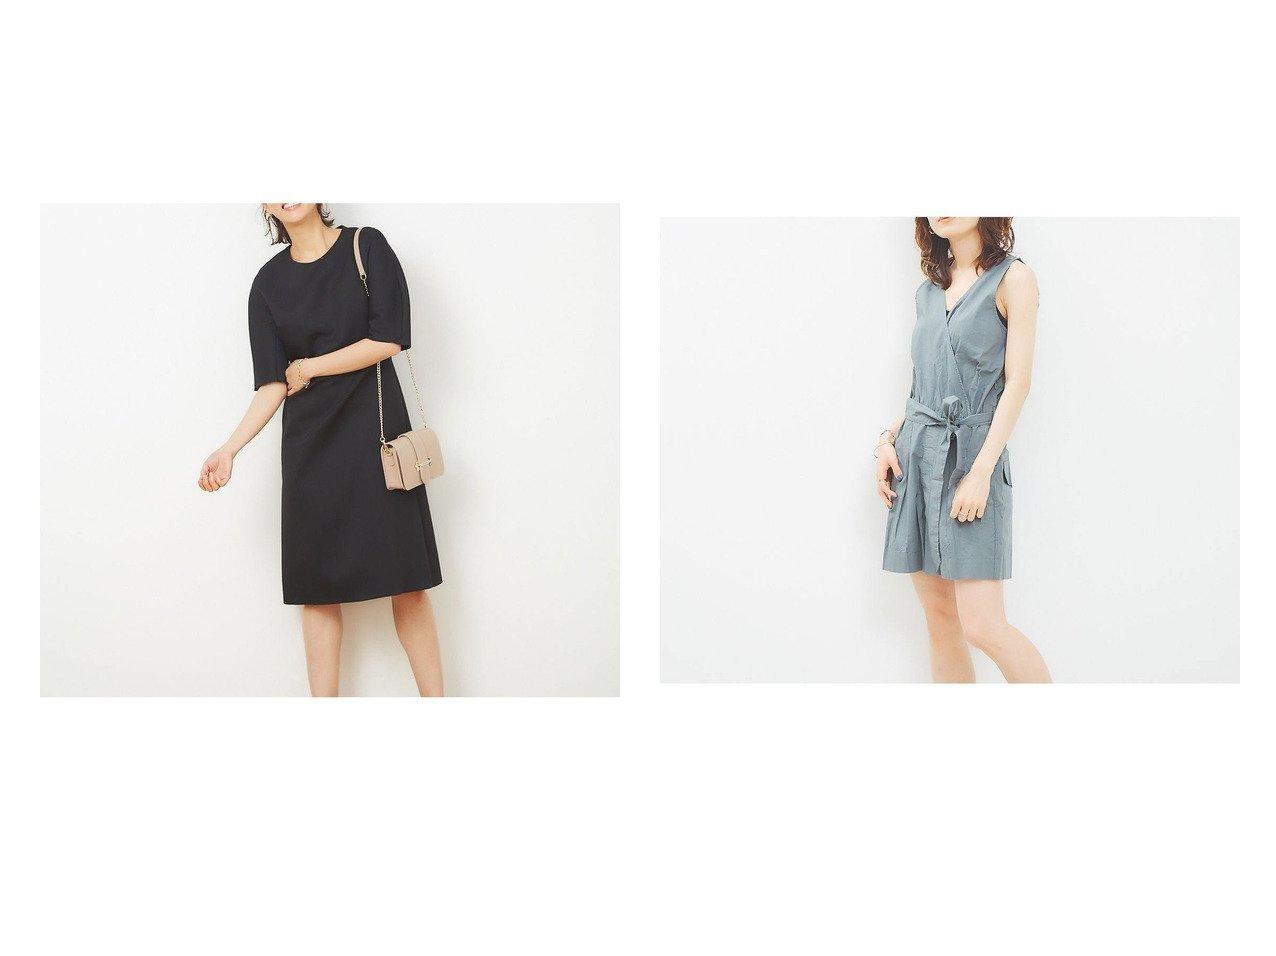 【Rouge vif la cle/ルージュヴィフラクレ】のミニドレス&【Mare Di Latte】 ショート丈サロペット ワンピース・ドレスのおすすめ!人気、トレンド・レディースファッションの通販 おすすめで人気の流行・トレンド、ファッションの通販商品 メンズファッション・キッズファッション・インテリア・家具・レディースファッション・服の通販 founy(ファニー) https://founy.com/ ファッション Fashion レディースファッション WOMEN ワンピース Dress ドレス Party Dresses サロペット Salopette 2020年 2020 2020 春夏 S/S SS Spring/Summer 2020 S/S 春夏 SS Spring/Summer キュプラ ドレス 春 Spring |ID:crp329100000016182